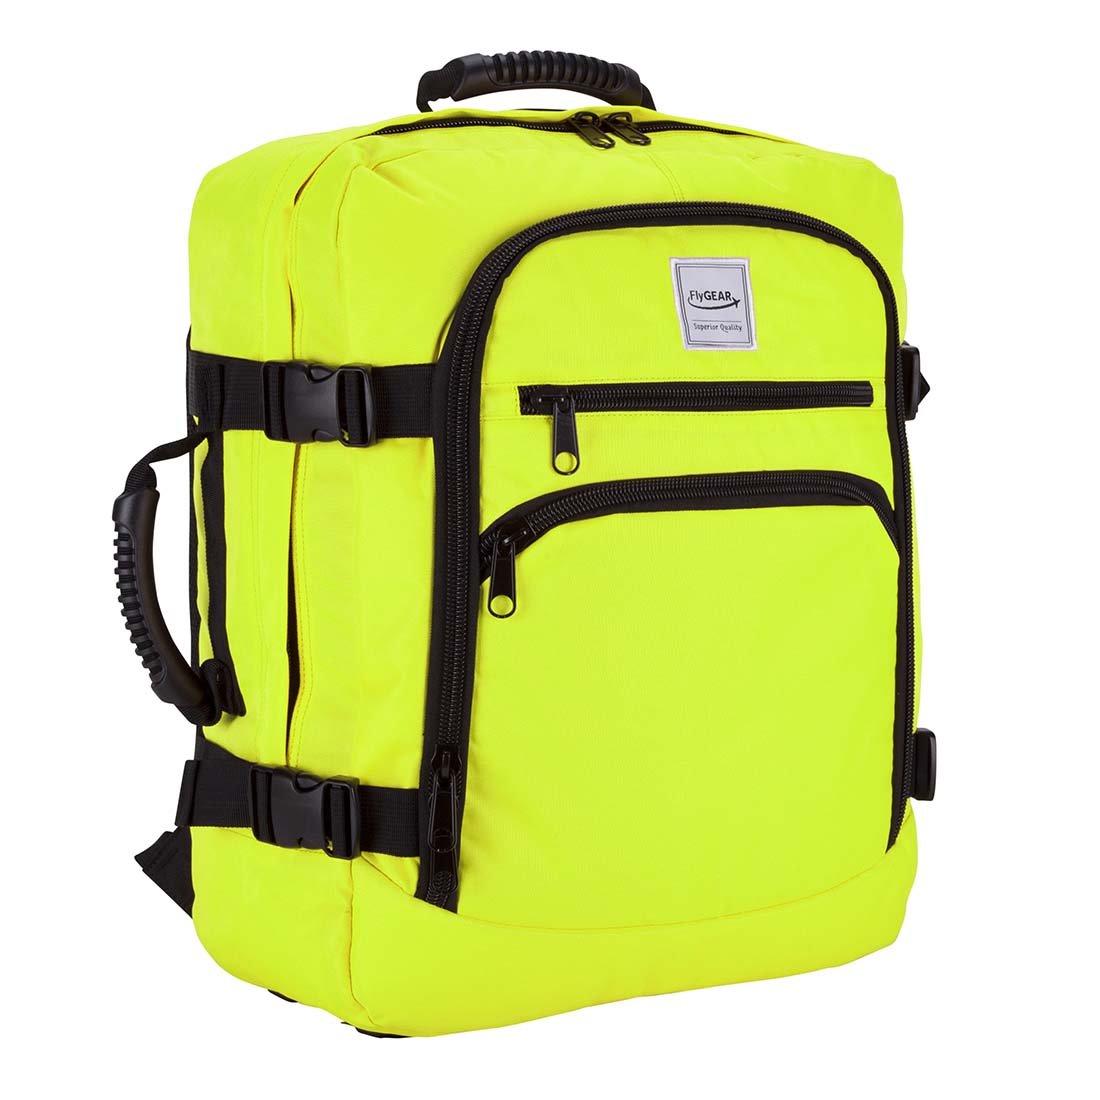 7b6864faf8 More4bagz Super Lightweight Cabin Approved Backpack Hand Luggage Travel  Holdall 44 Litre Bag - FITS 50cm